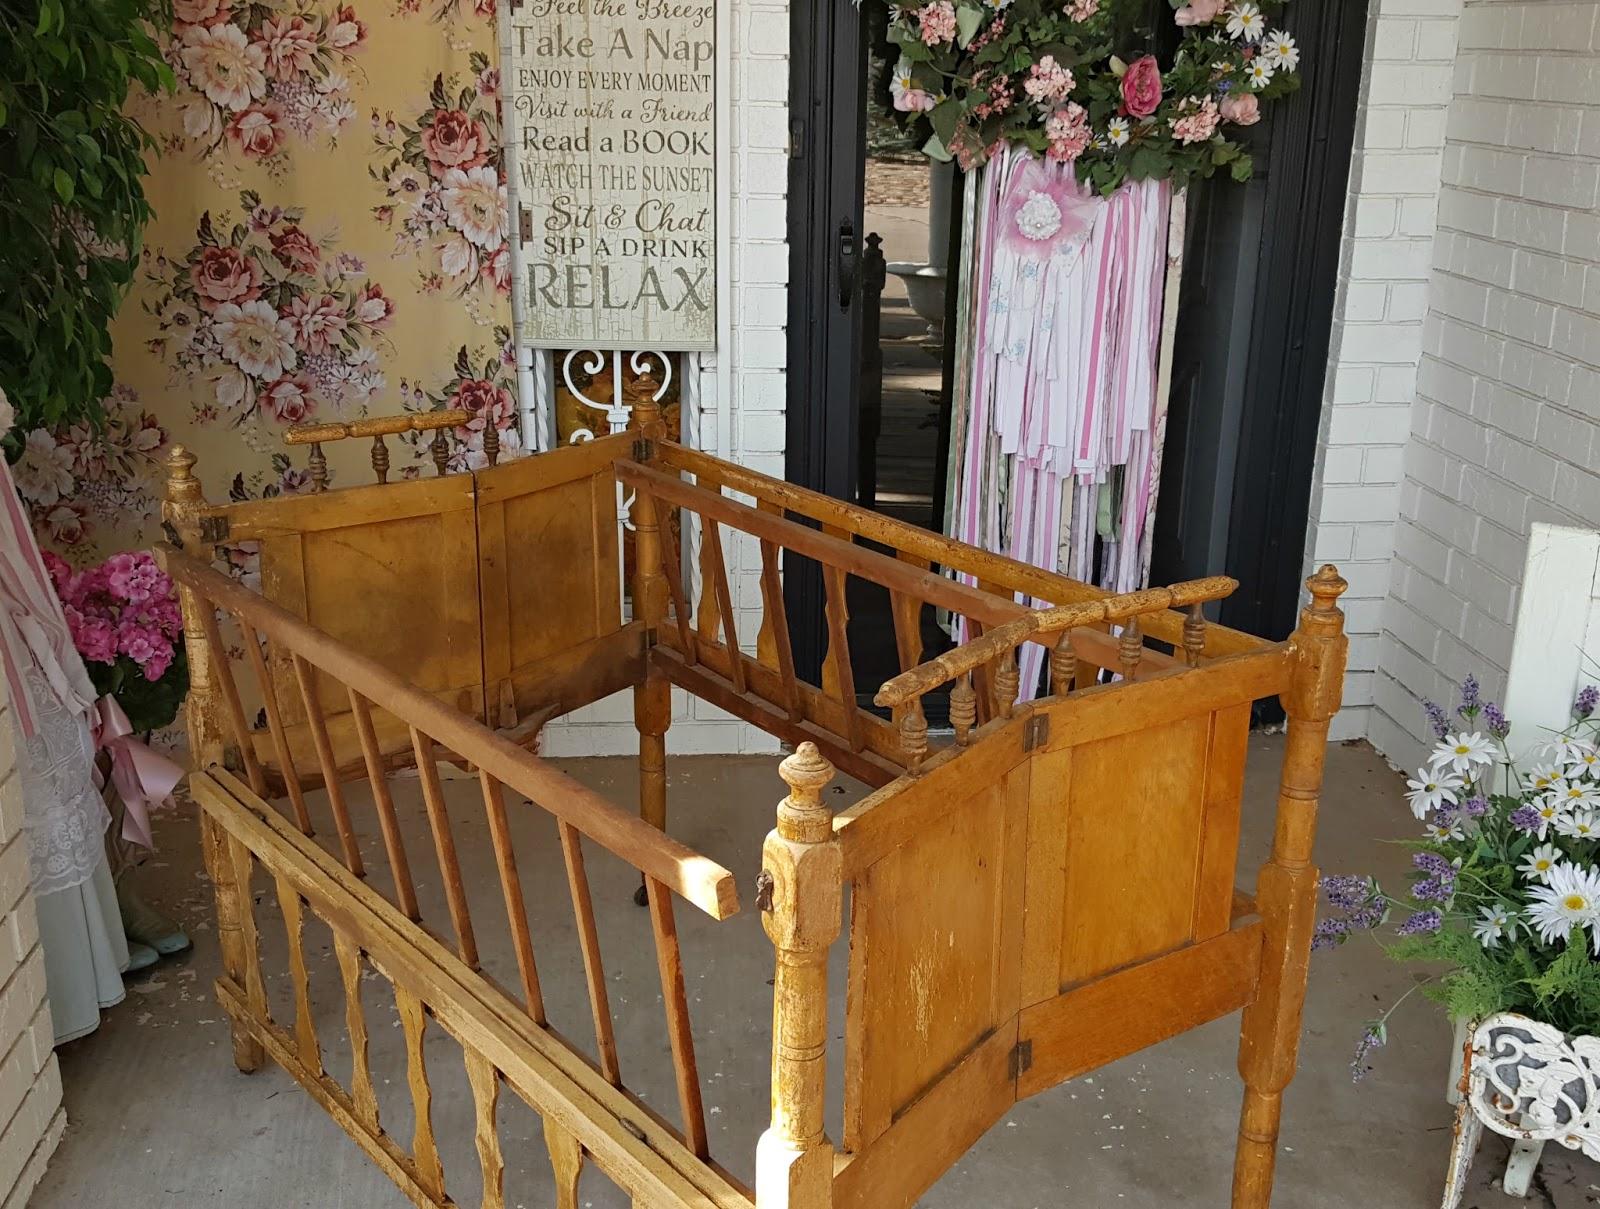 Penny's Vintage Home: Repurposing a Vintage Baby Crib